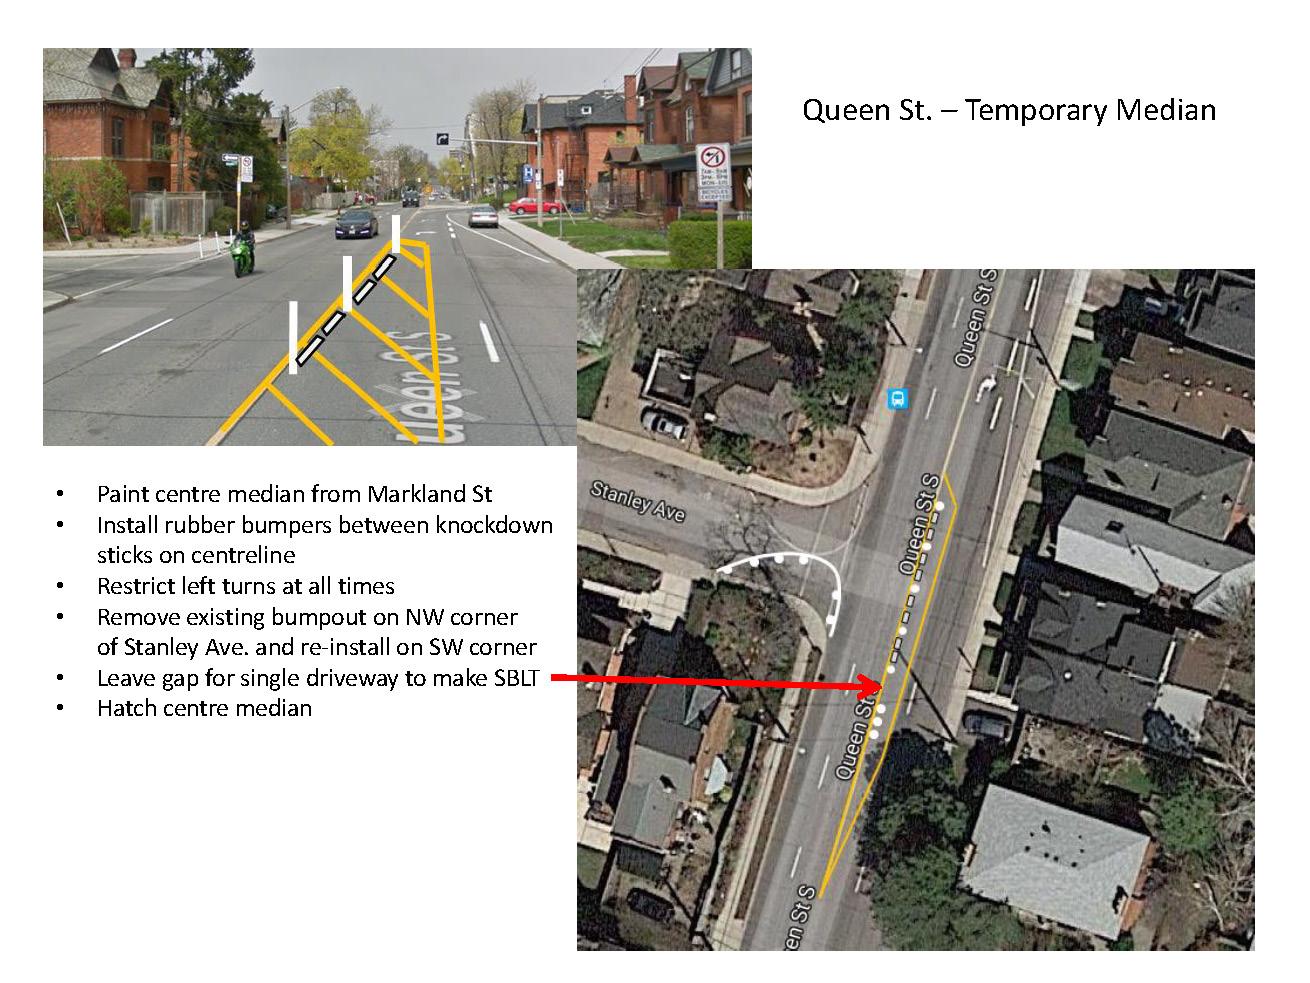 Queen_St_-_Temp_Median.jpg